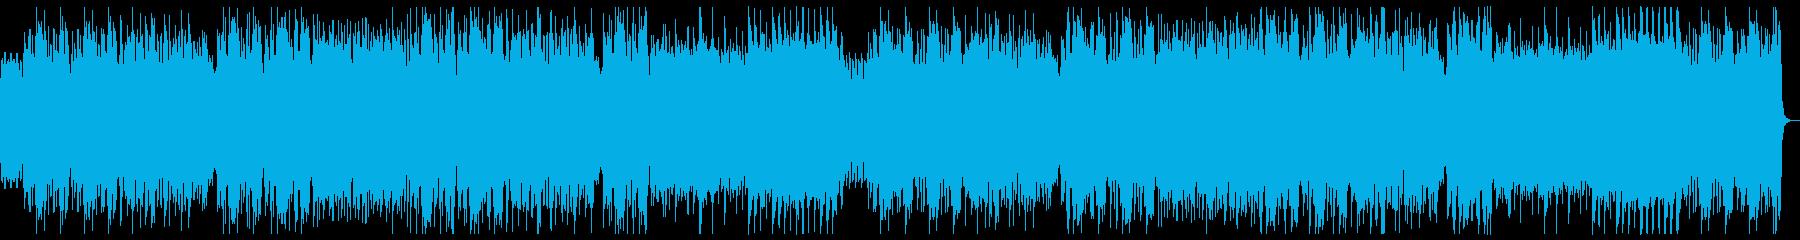 明るく楽しいキッズピアノ:フル2回の再生済みの波形